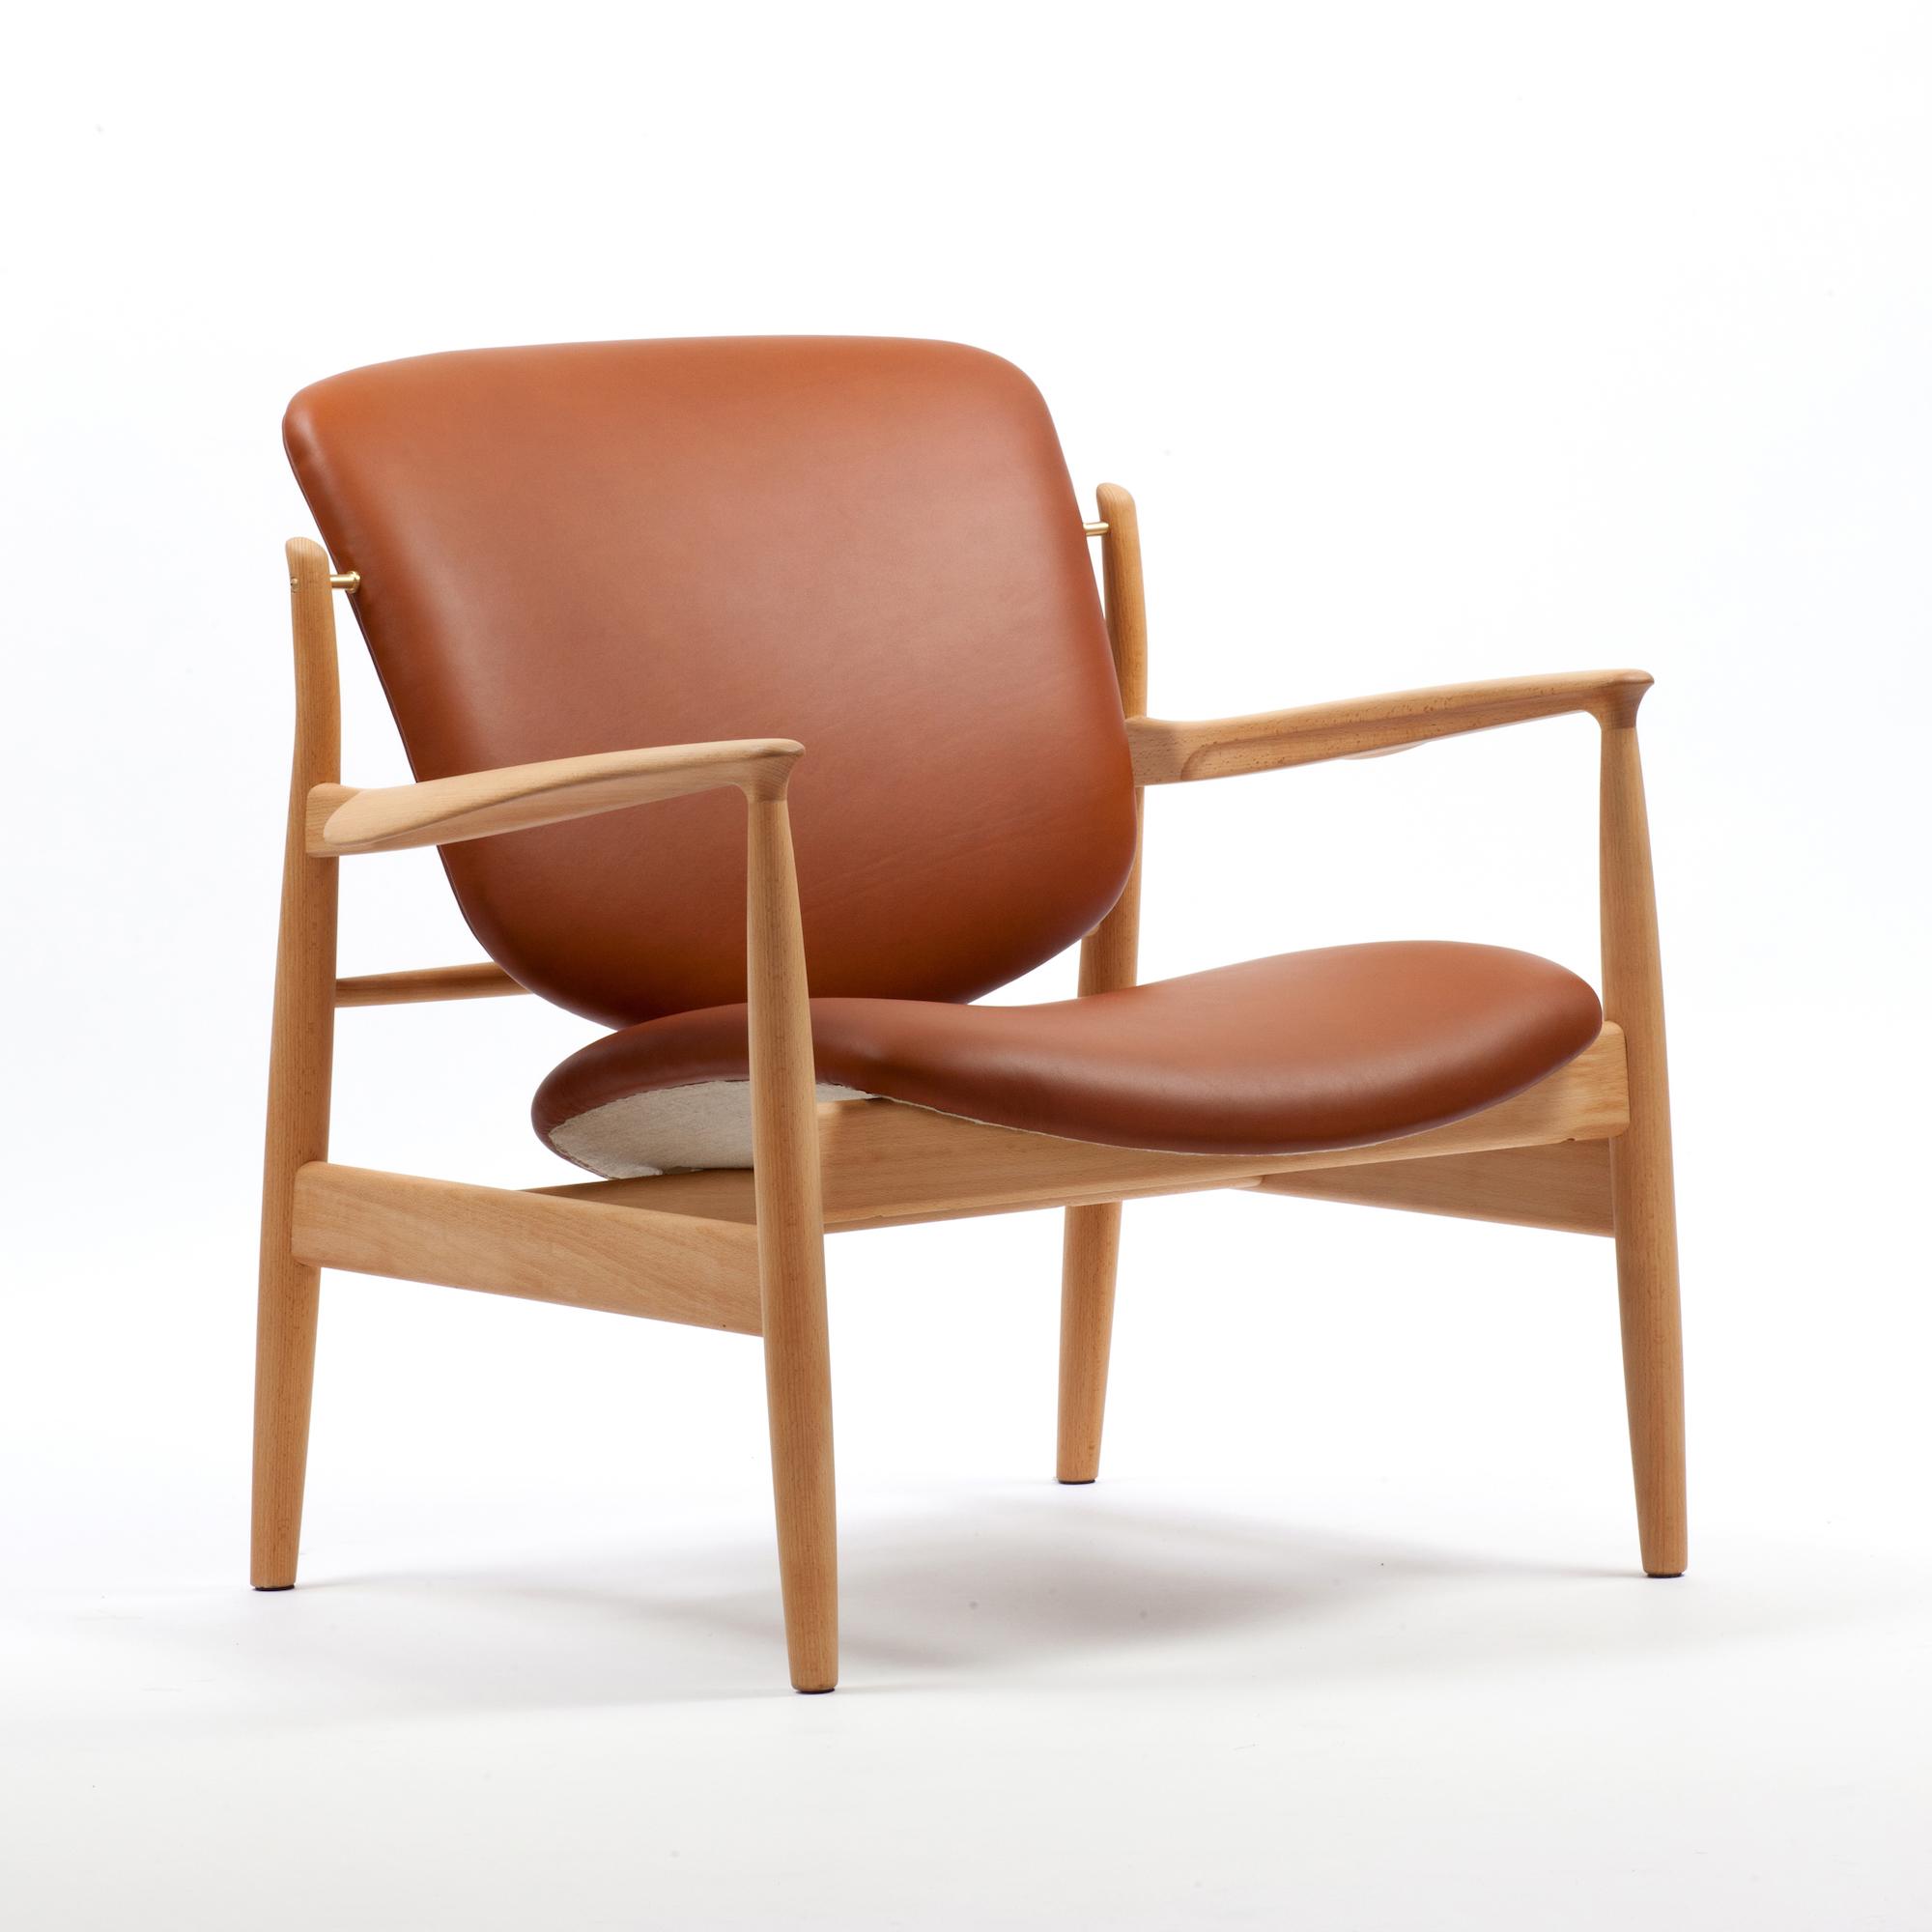 House of finn juhl fauteuil france chair finn juhl for House pour fauteuil